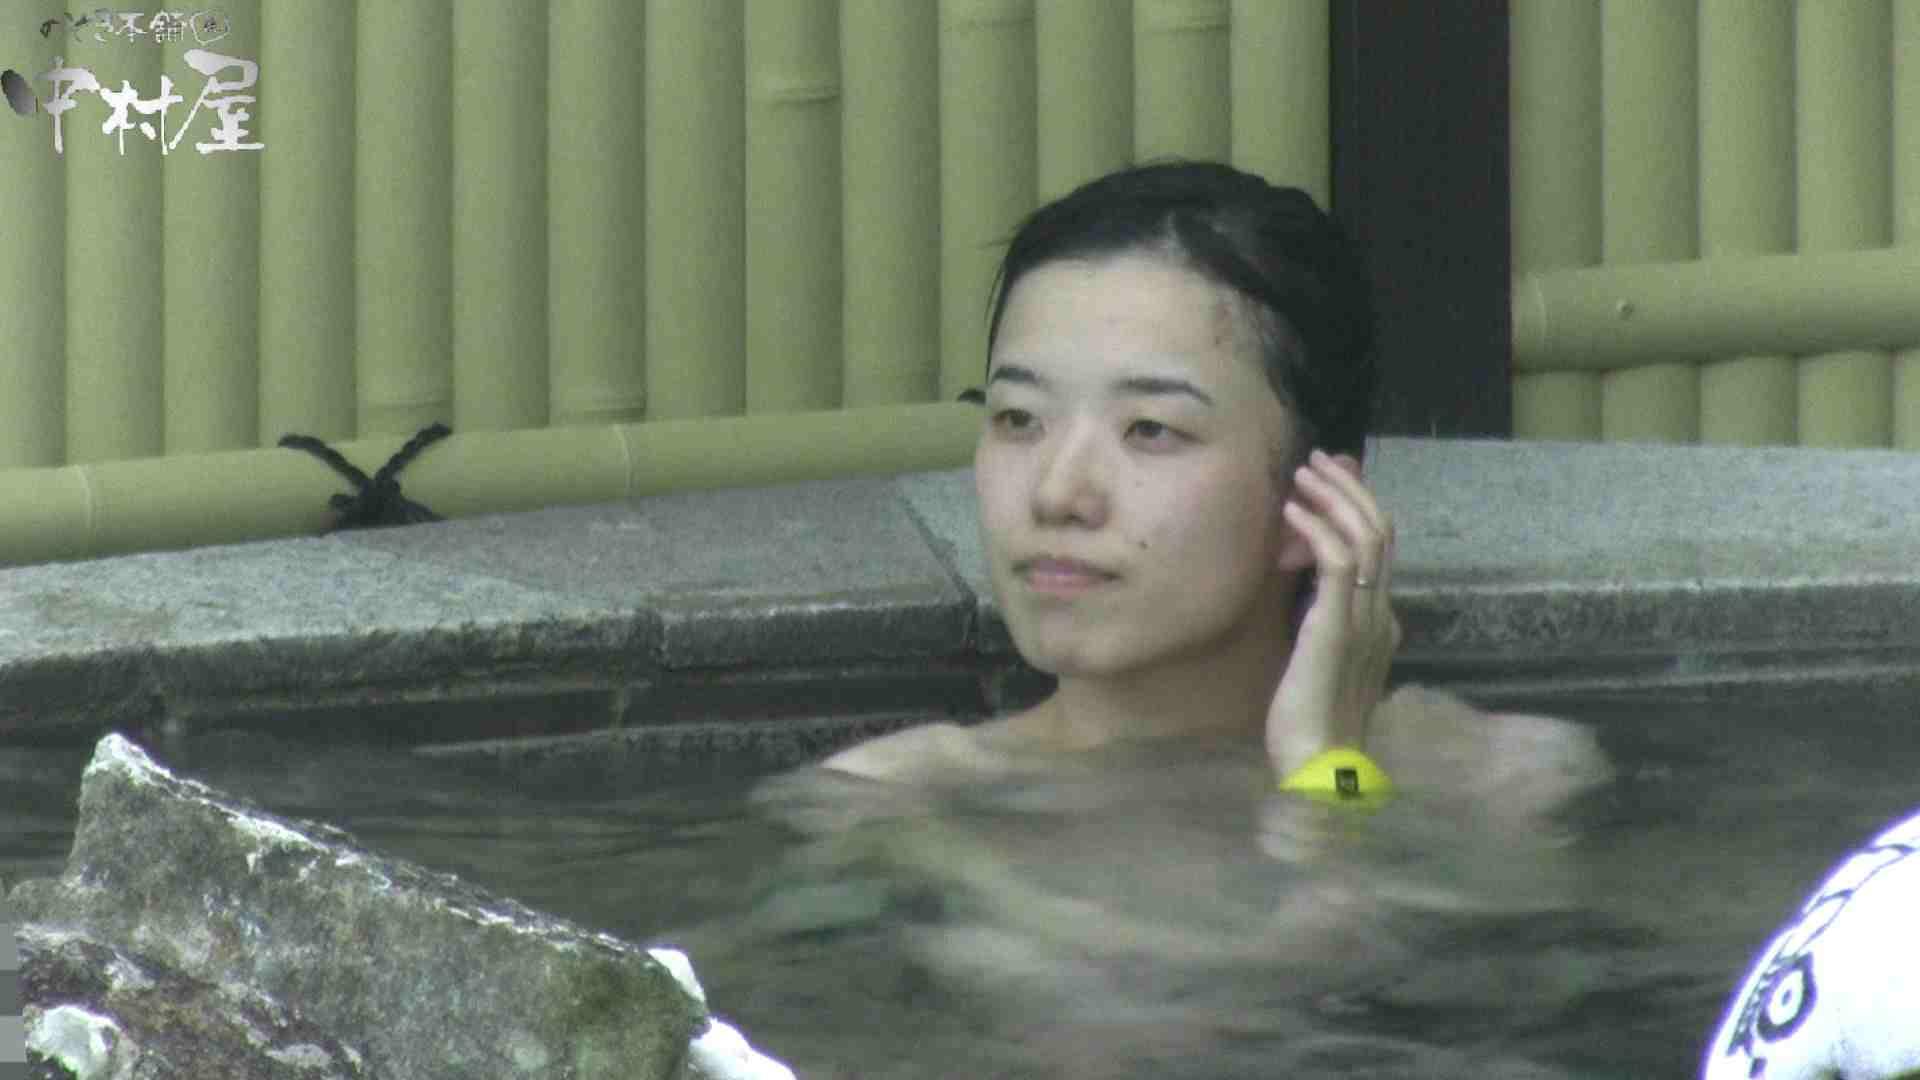 Aquaな露天風呂Vol.908 露天   盗撮  81pic 43